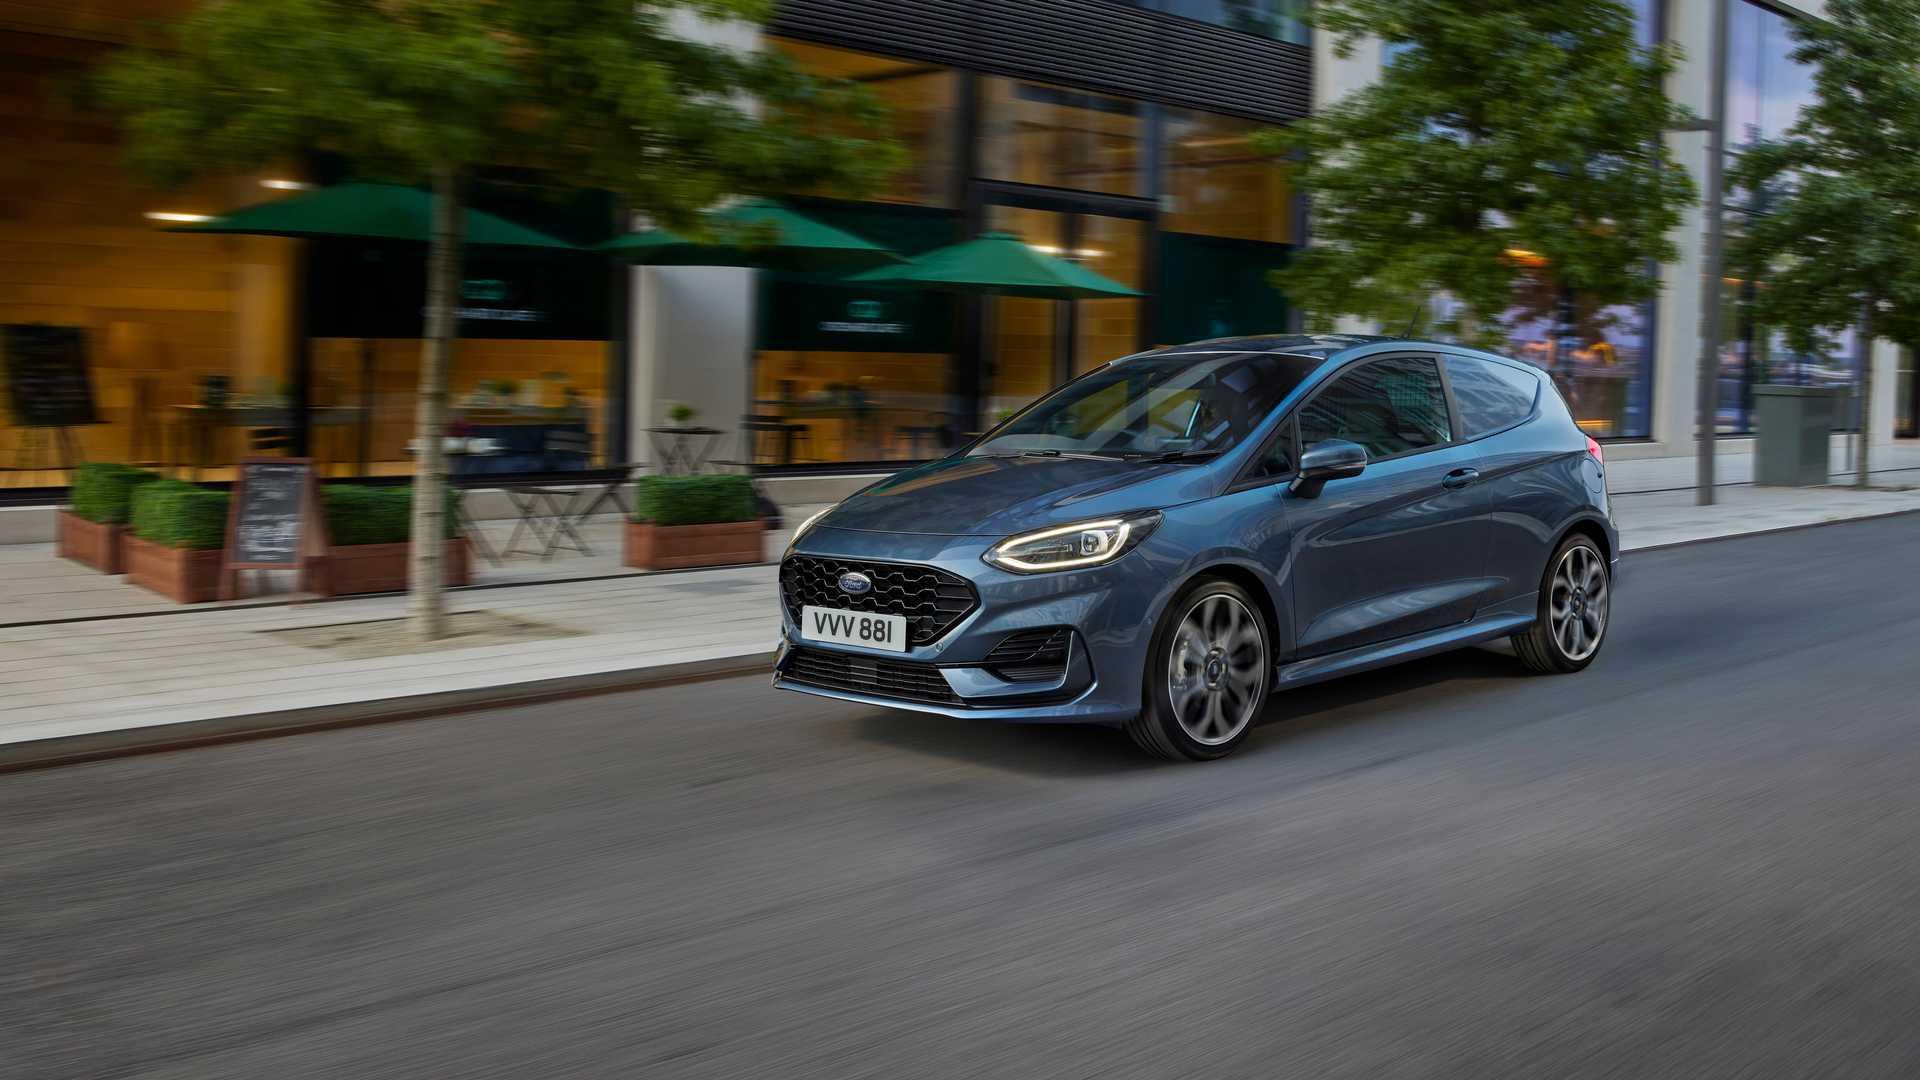 2022 Ford Fiesta Van получит подтяжку лица и сможет работать на топливе E85